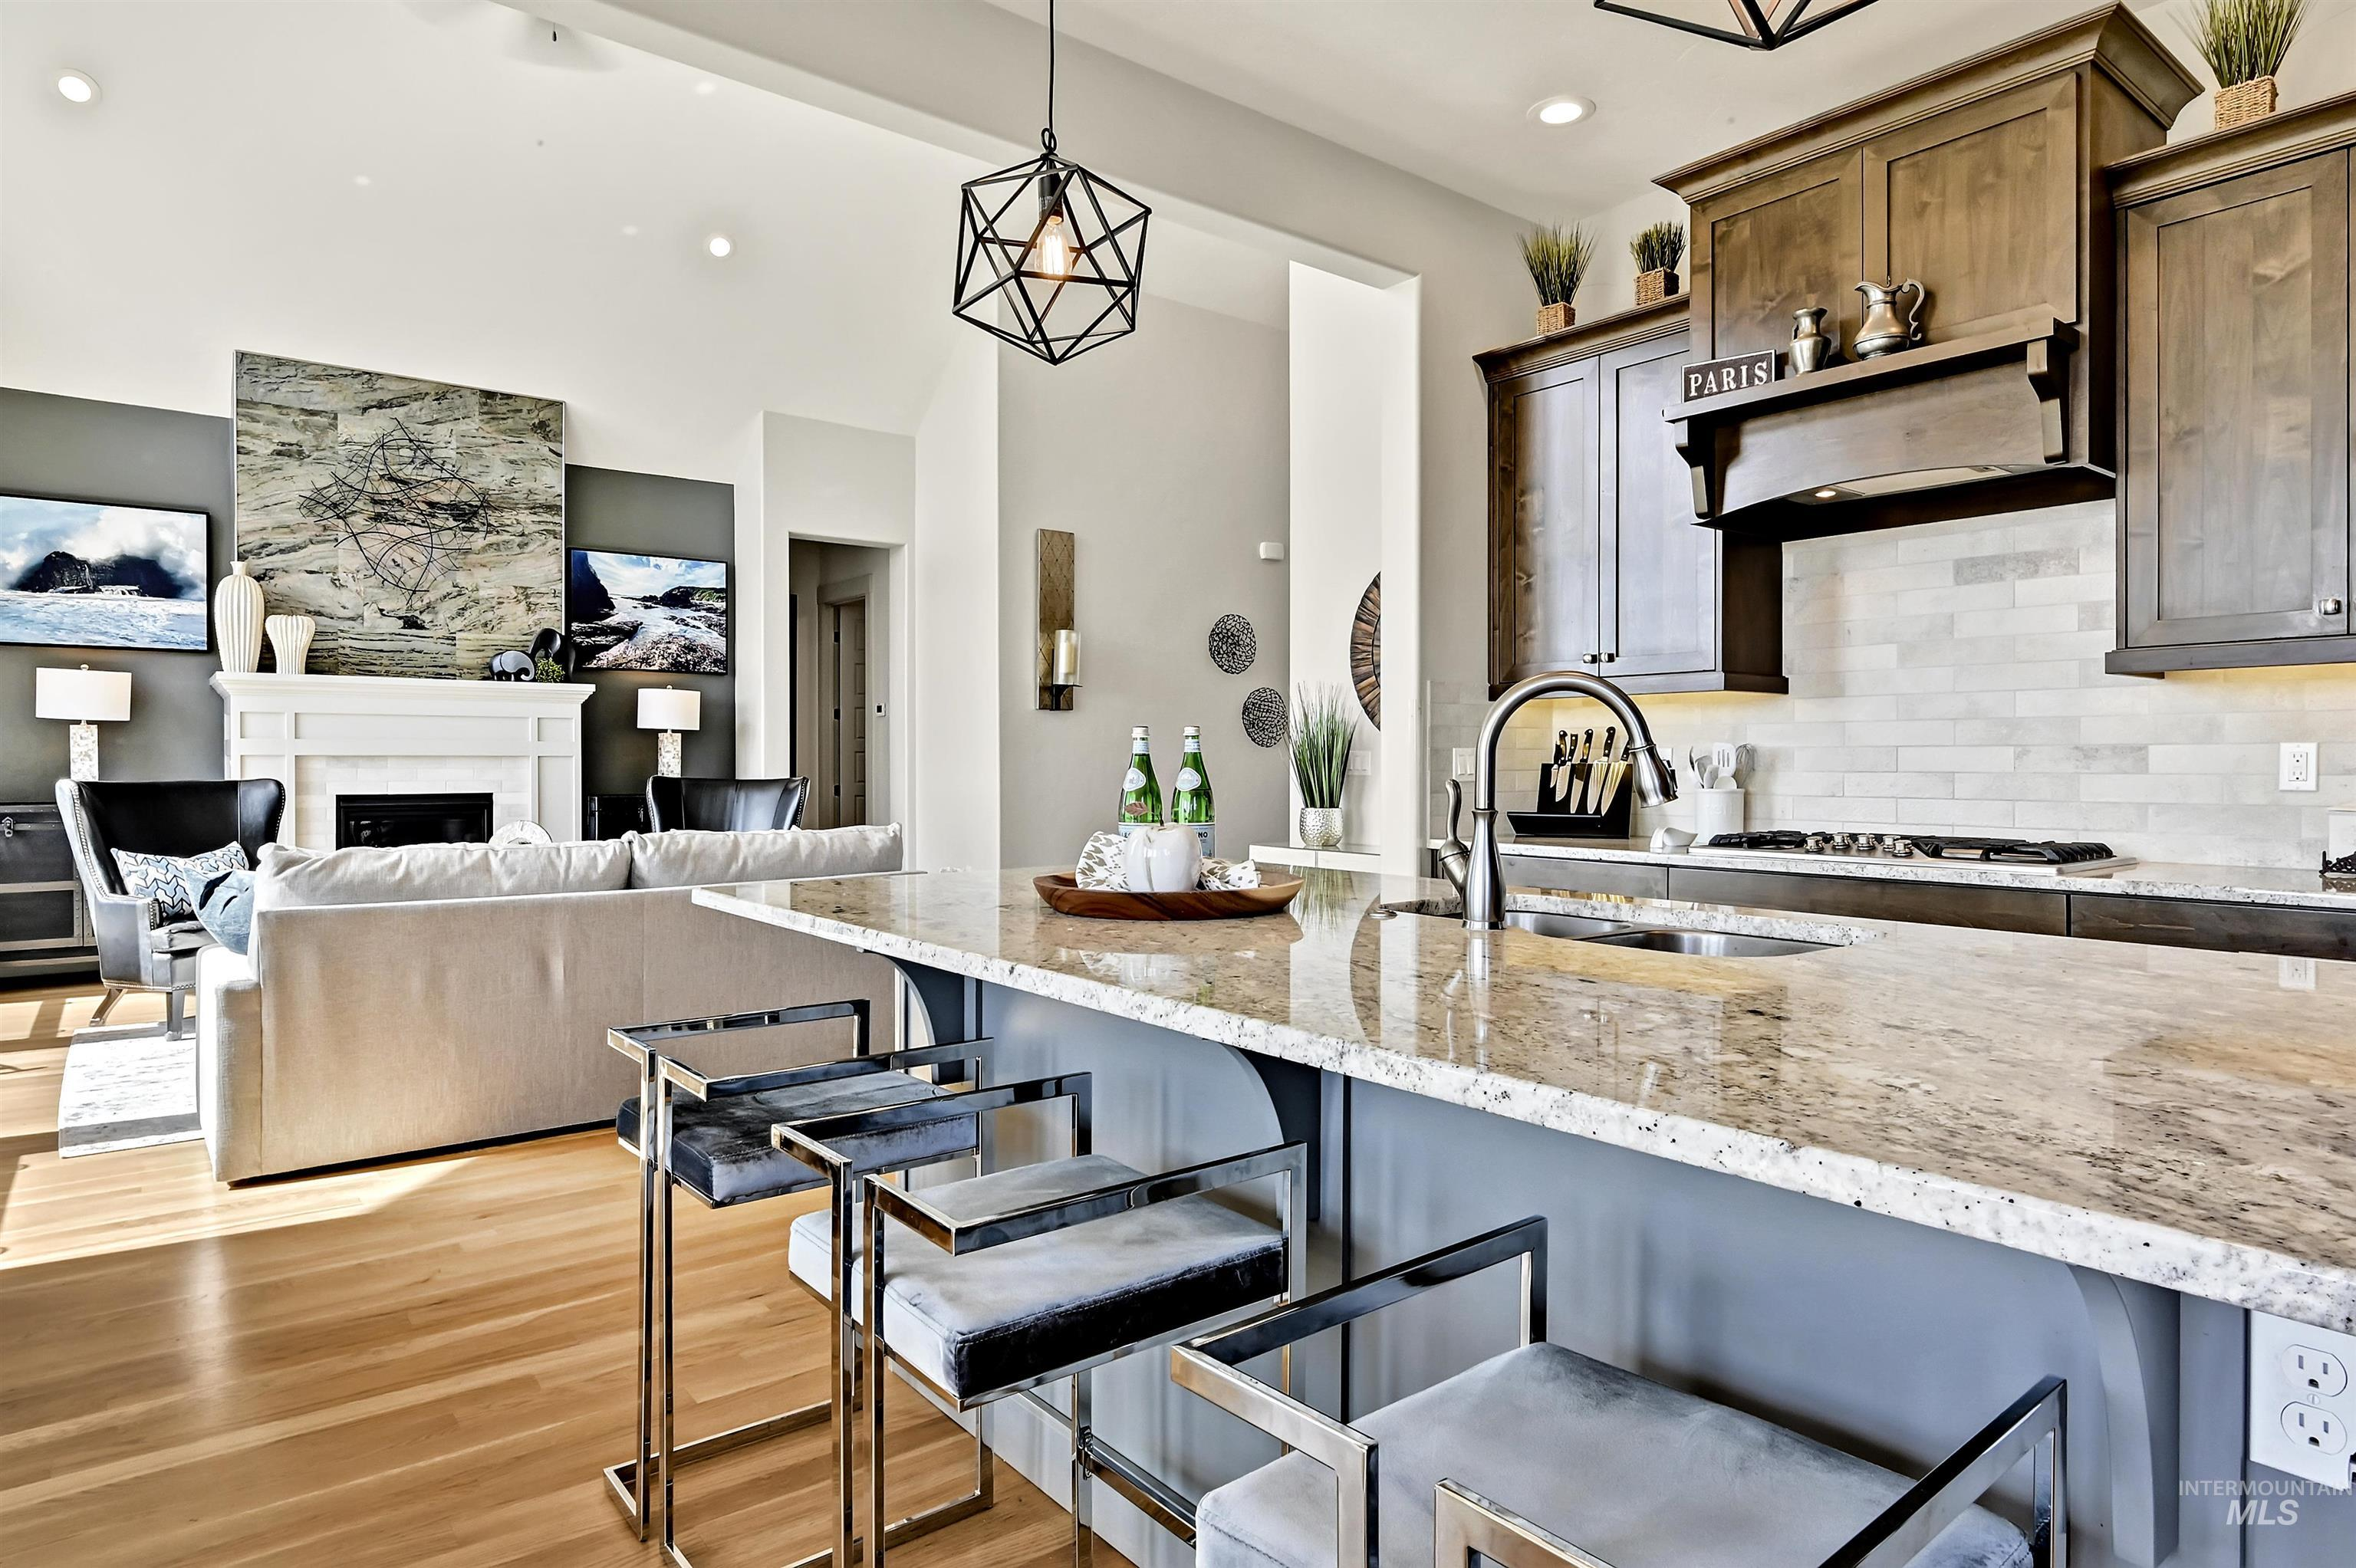 5817 E Hootowl Property Photo 11